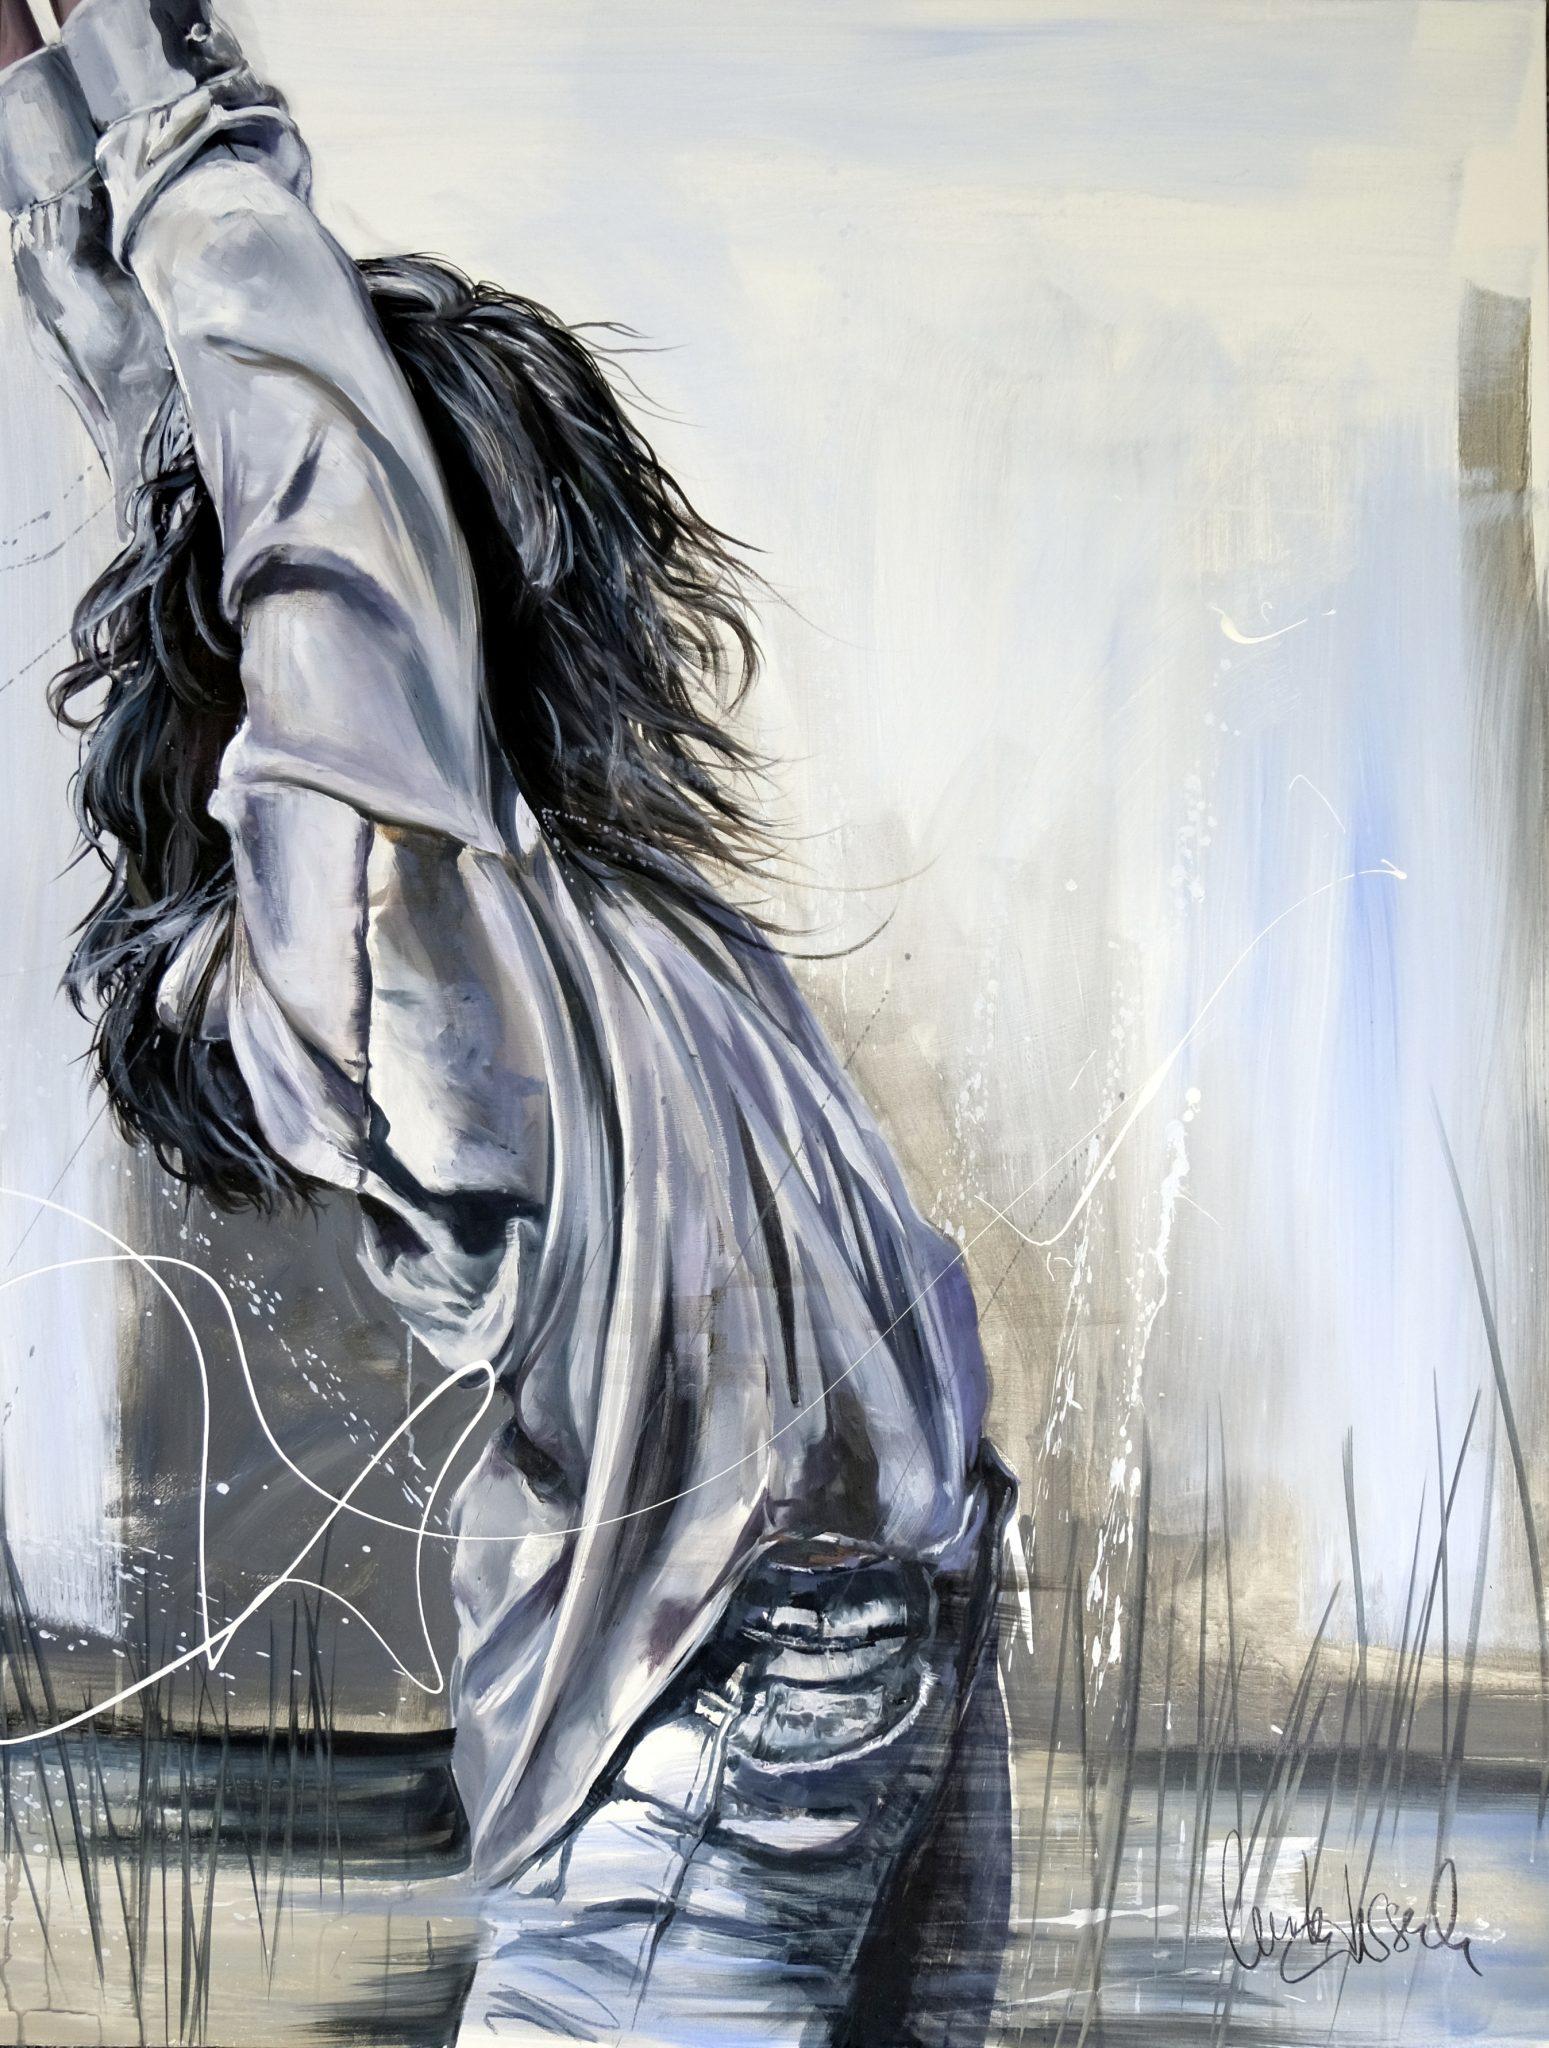 Une envie de liberté 116 x 89 cm Huile sur toile Cécile Desserle